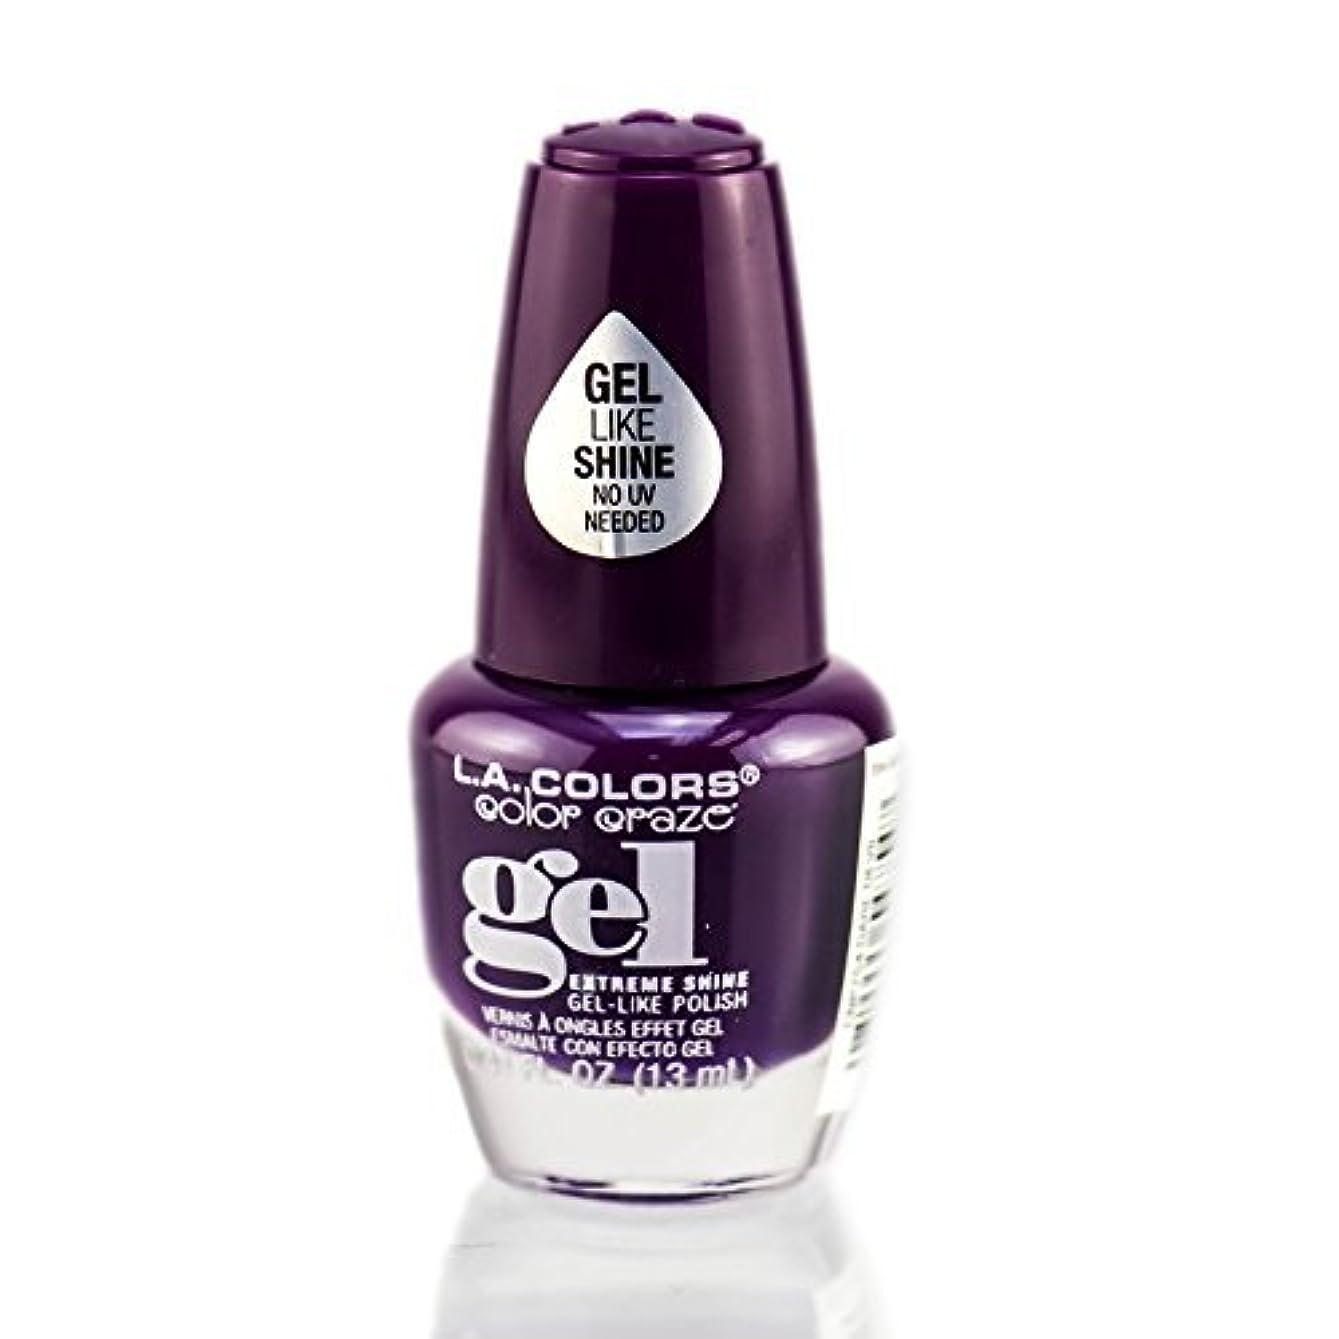 容器翻訳する贅沢なLA Colors 美容化粧品21 Cnp754美容化粧品21